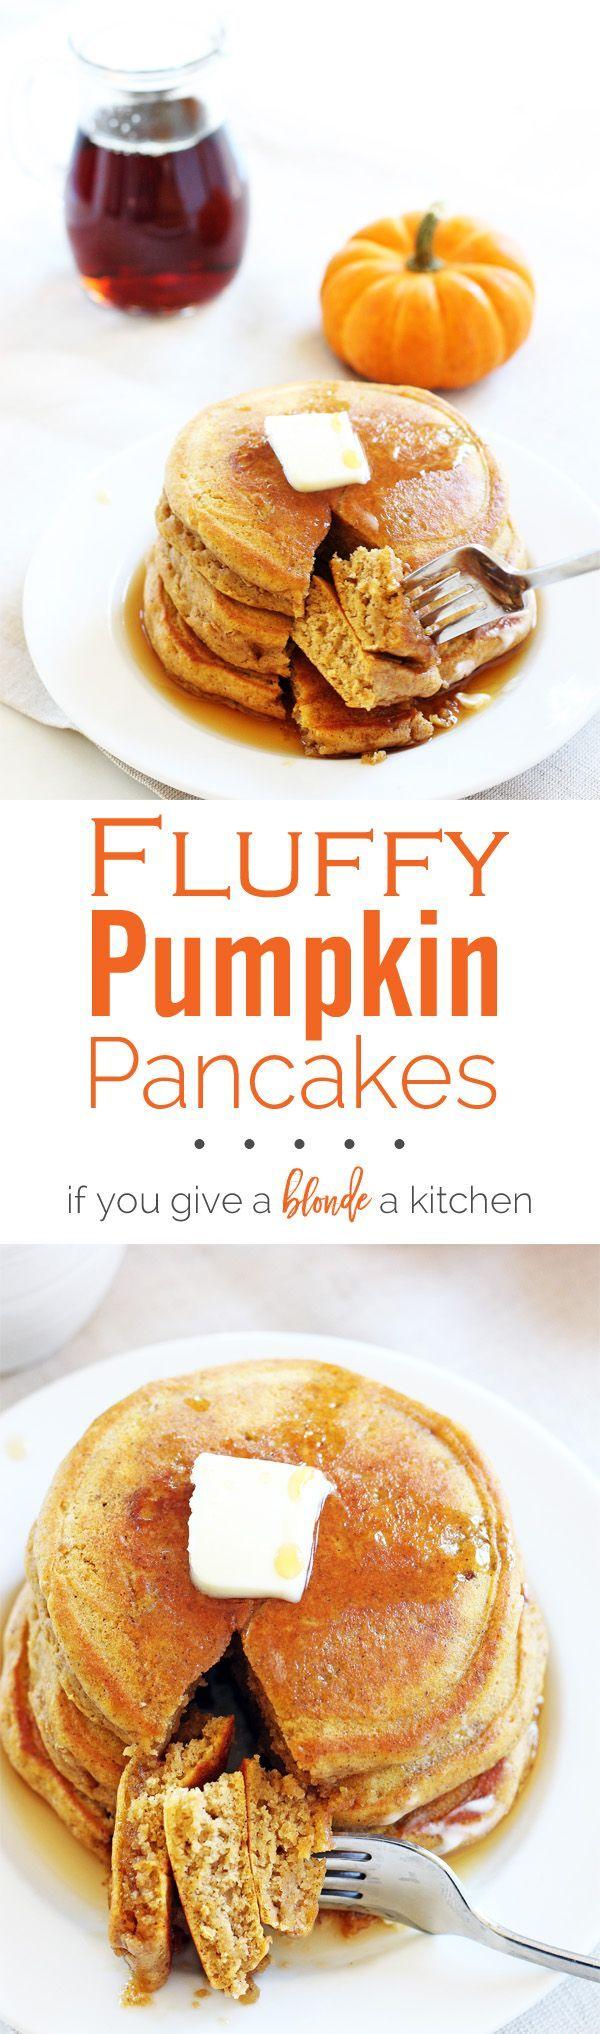 how to make fluffy pancakes taste